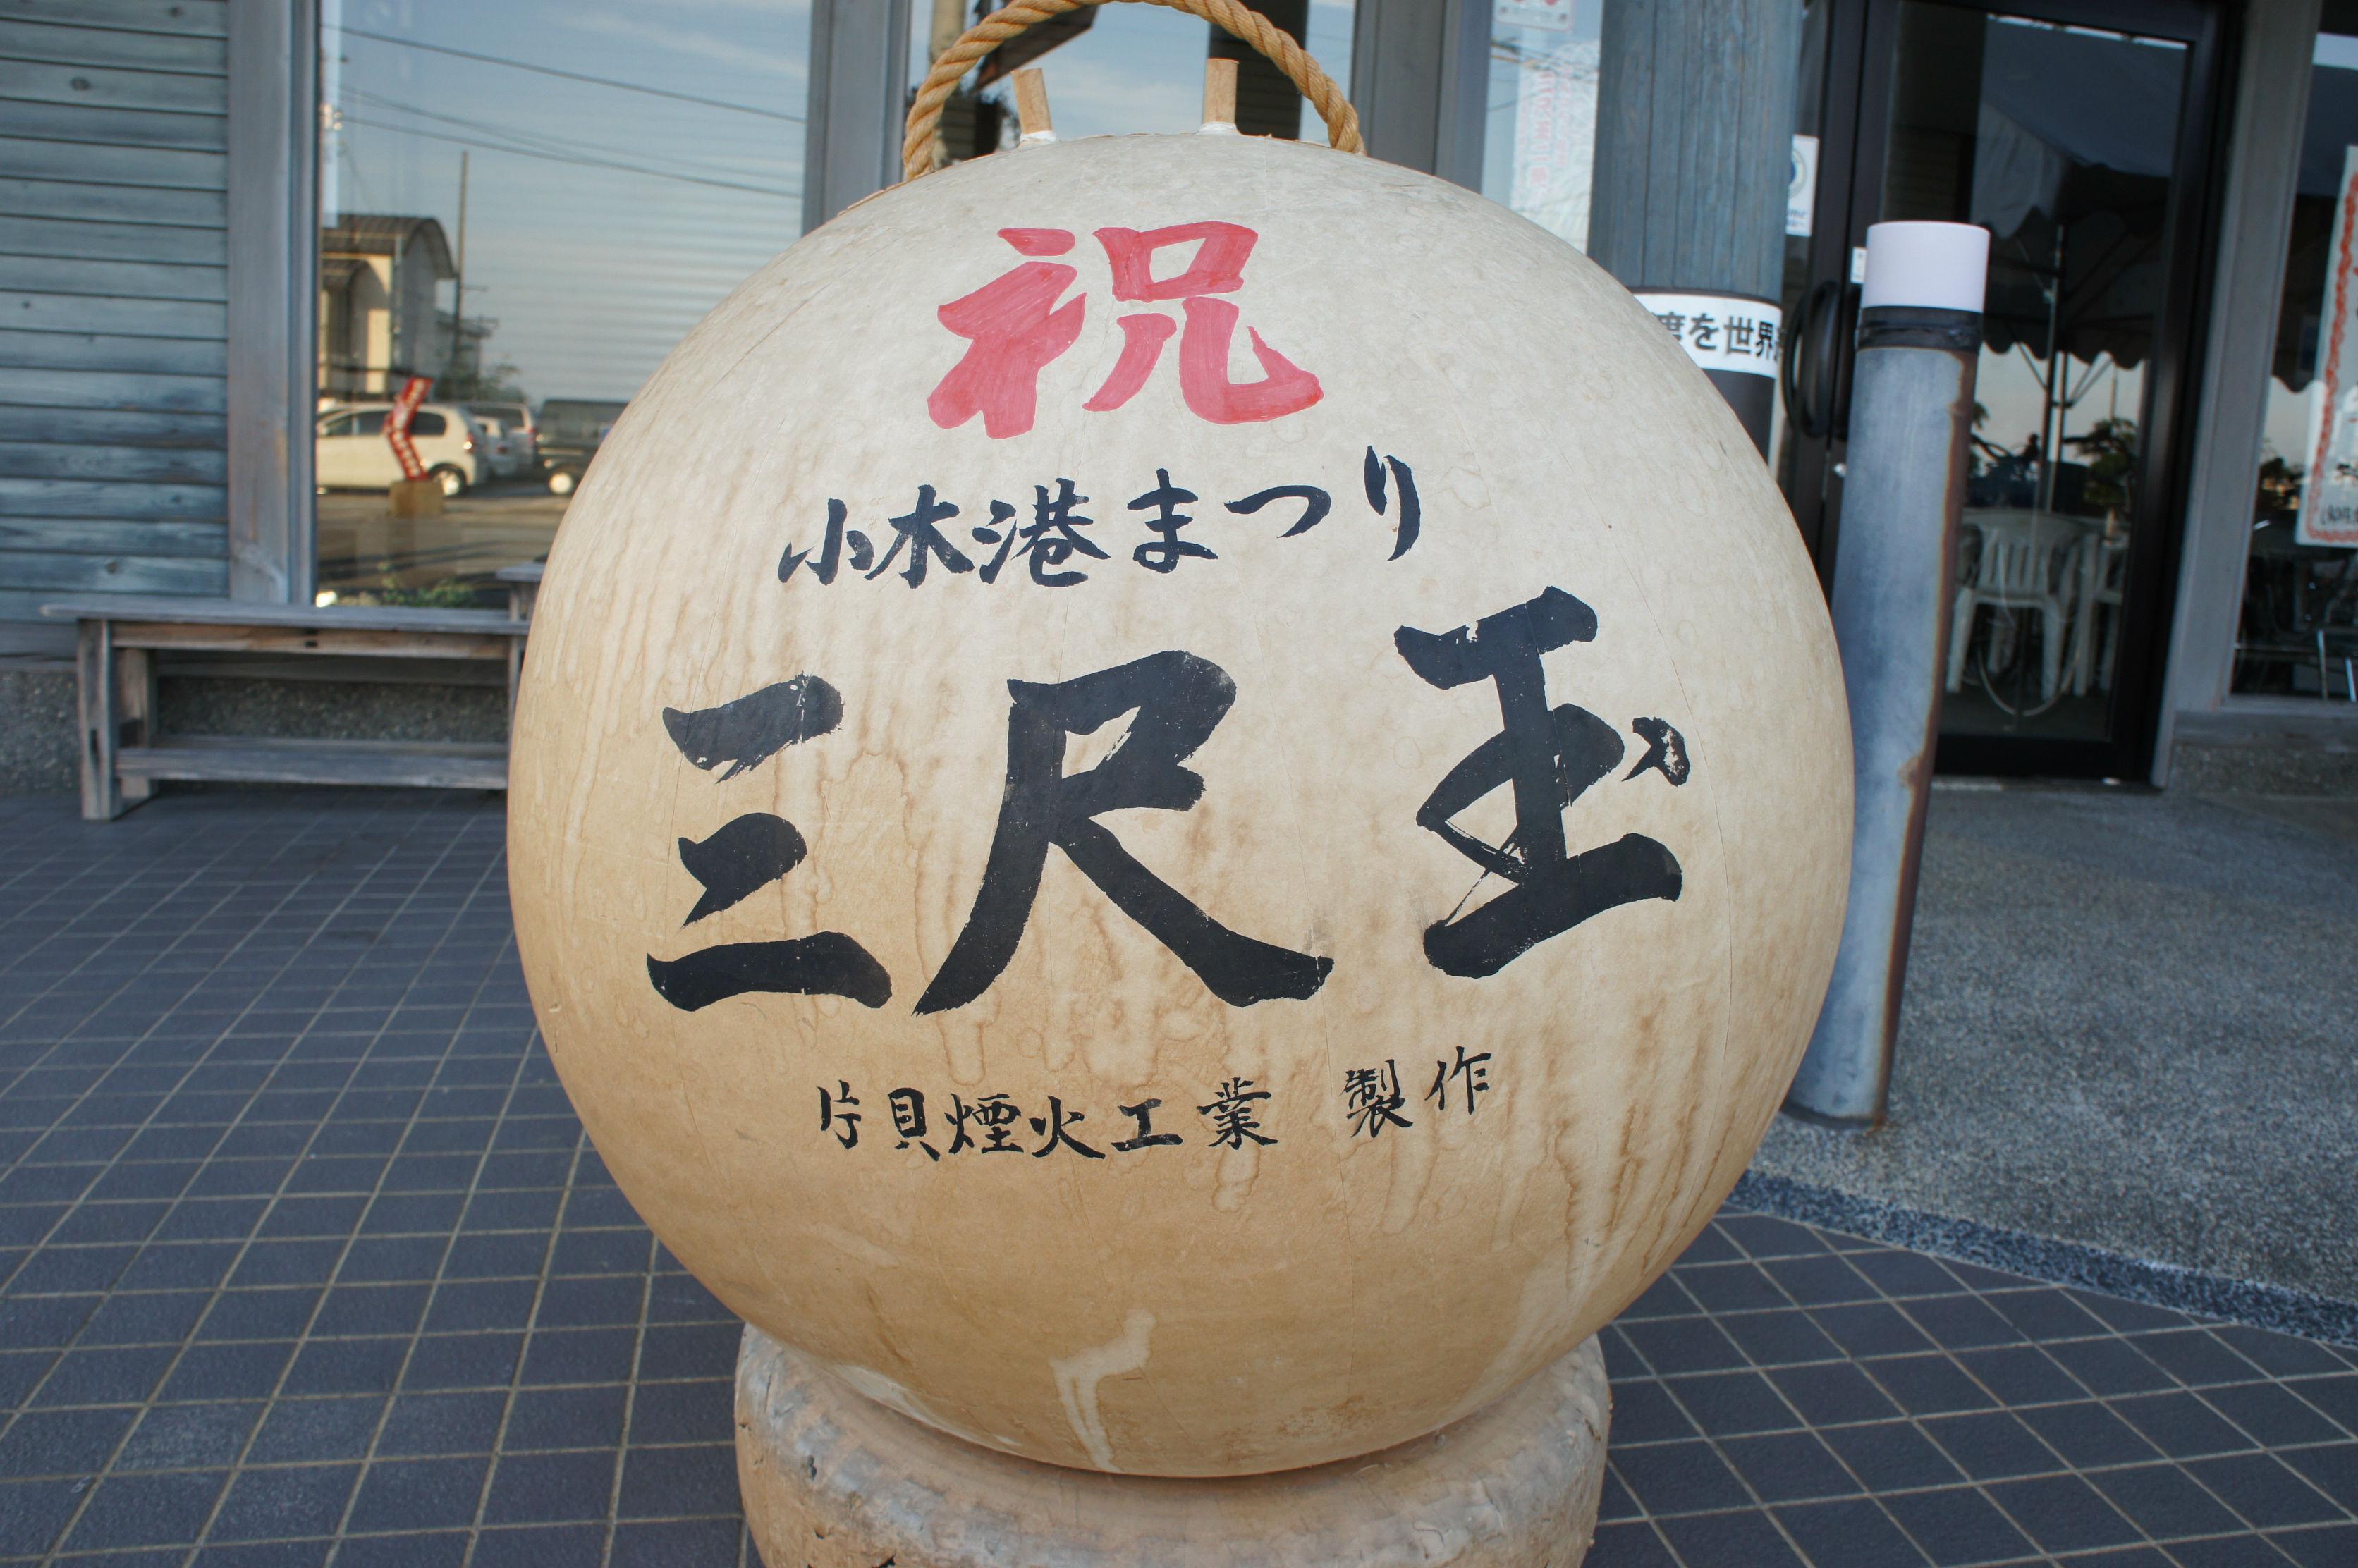 旅館番頭の佐渡観光情報ブログ今年もやります!小木港祭り花火大会USTREAM生中継